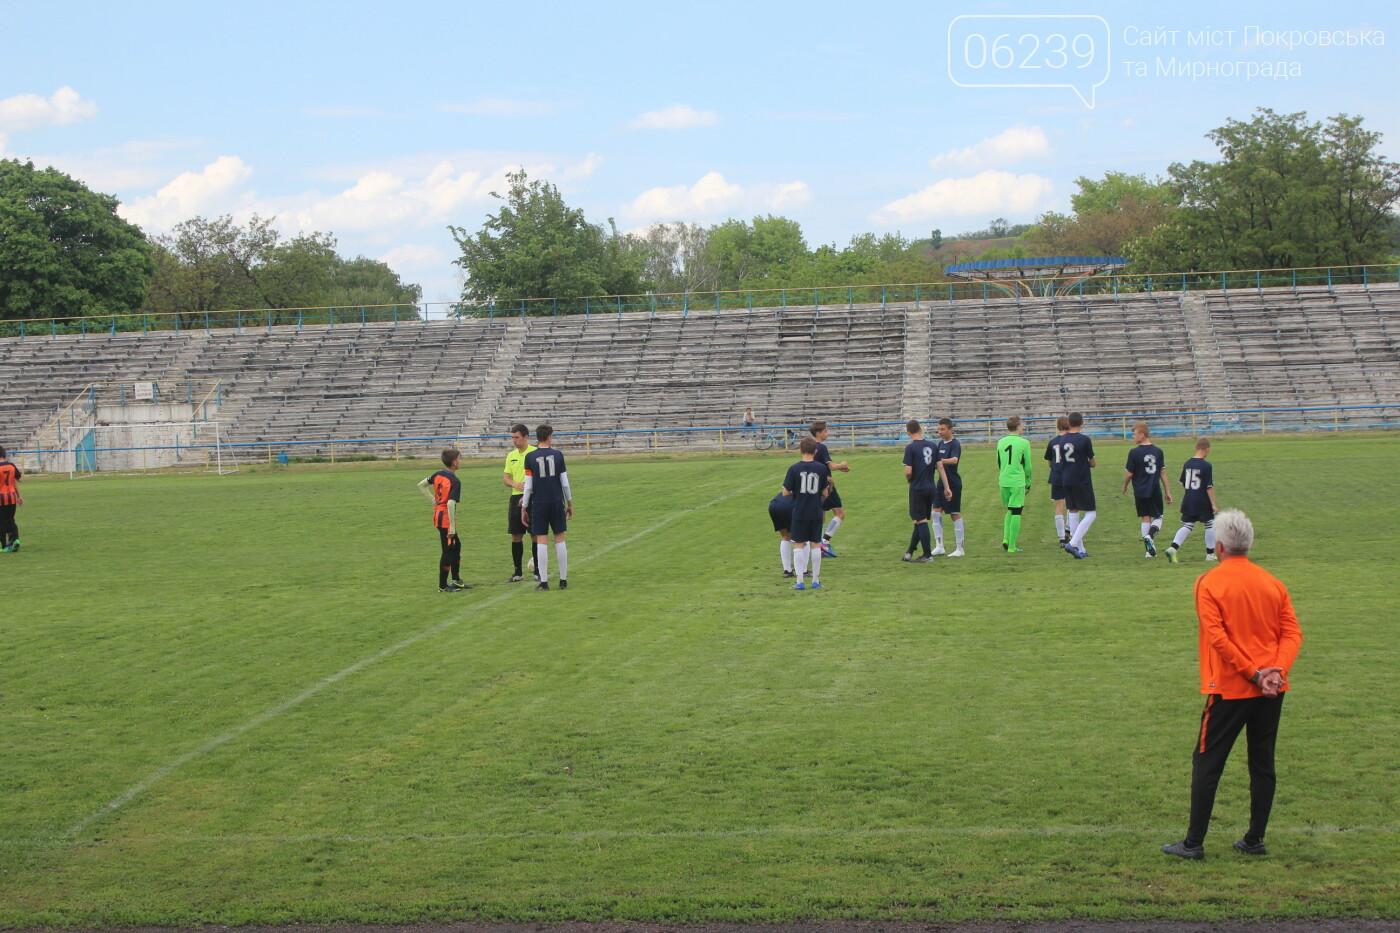 Футболисты ДЮСШ Мирнограда завершили выступления в рамках группового этапа Чемпионата области по футболу , фото-6